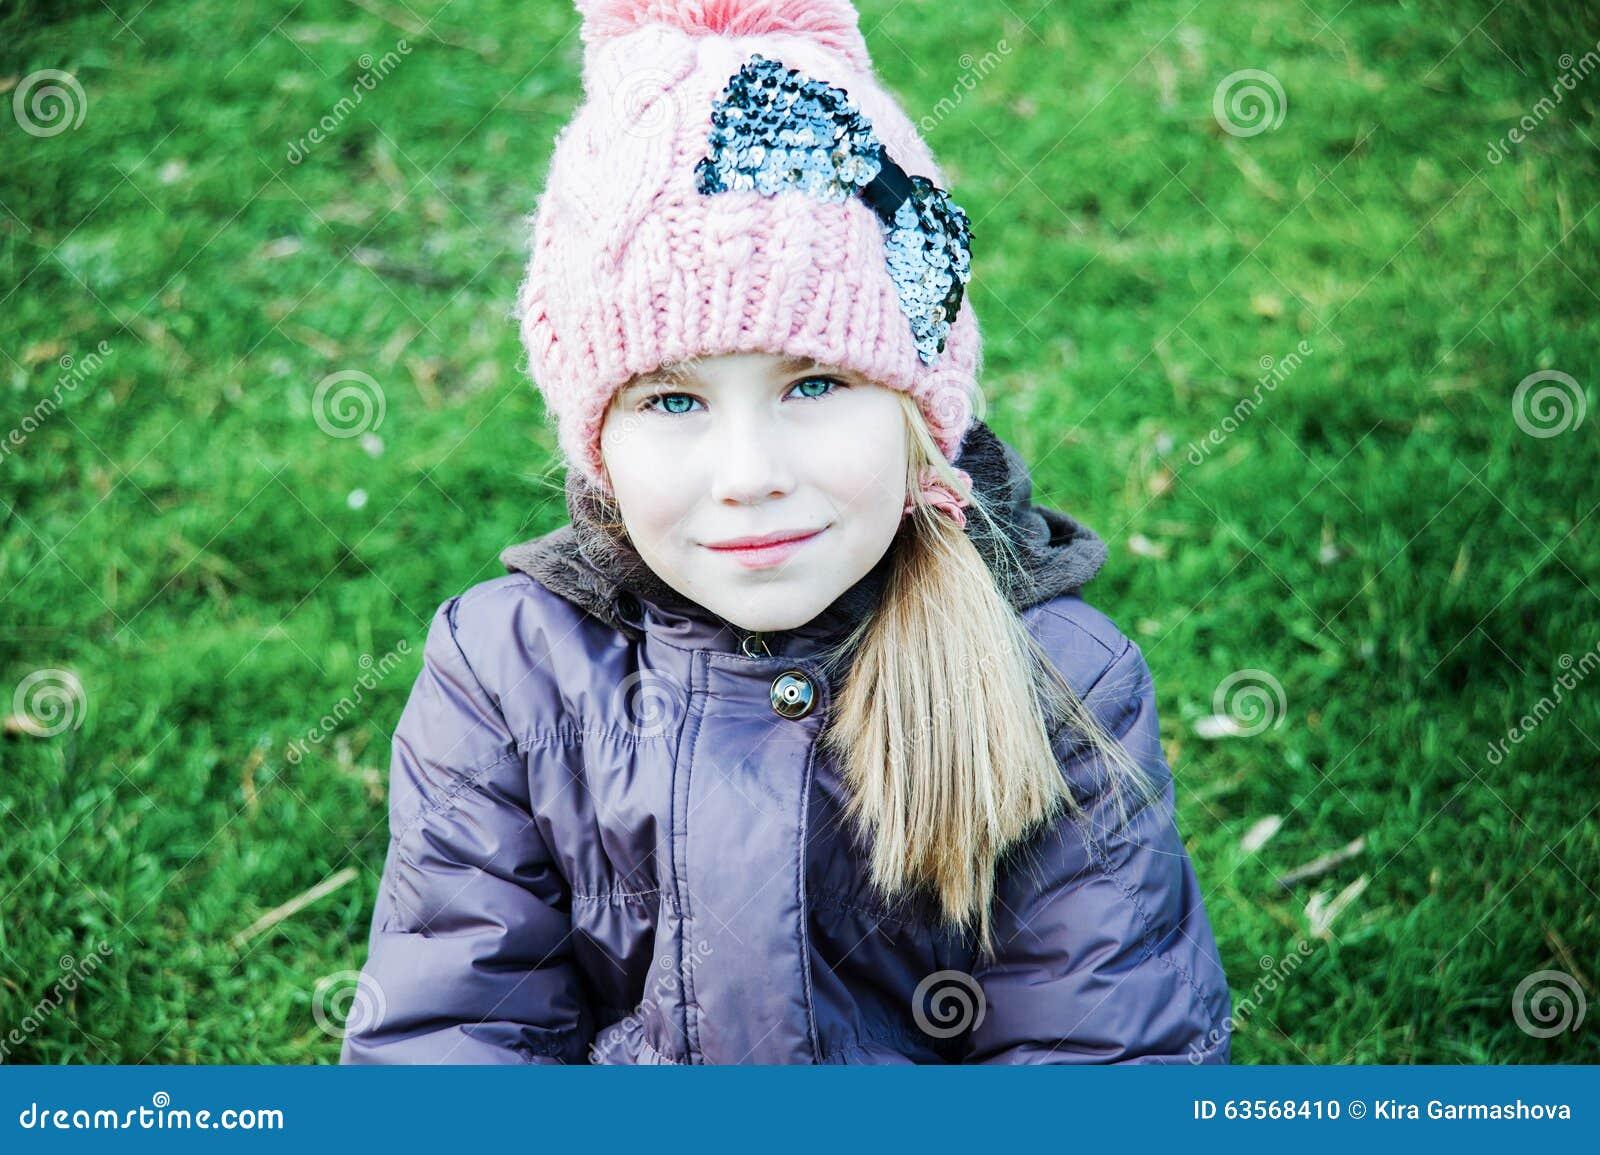 在秋天美丽的小女孩的室外画象有长的头发的坐在桃红色帽子的一棵草.图片